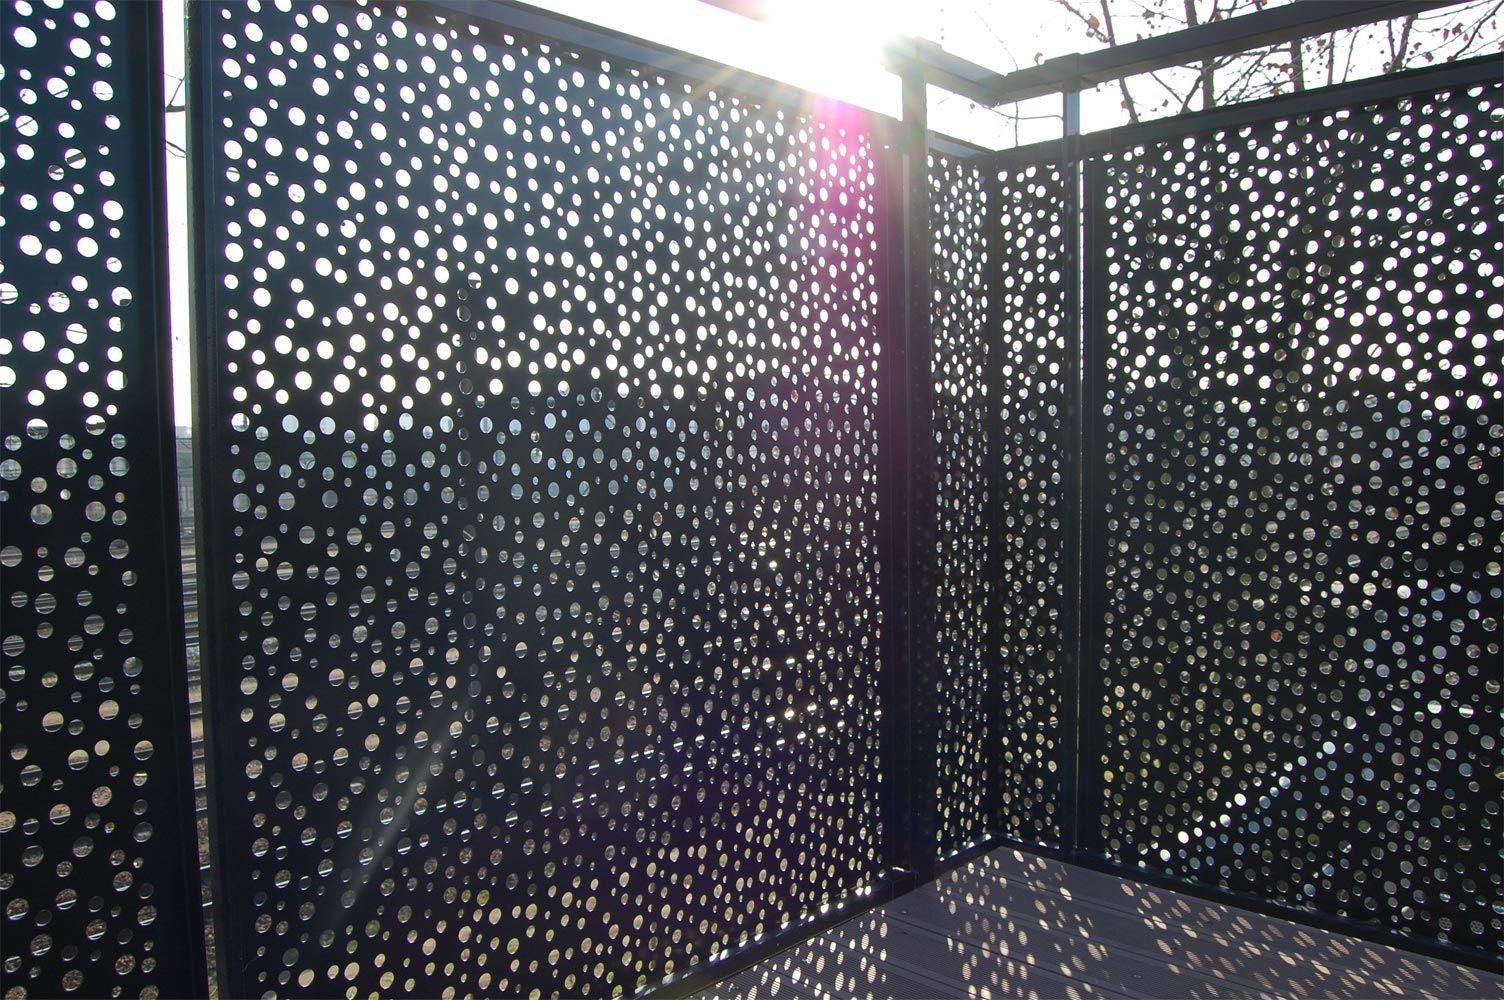 garde corps sur toiture algeco garde corps en t le perforee pinterest garde corps t le et. Black Bedroom Furniture Sets. Home Design Ideas